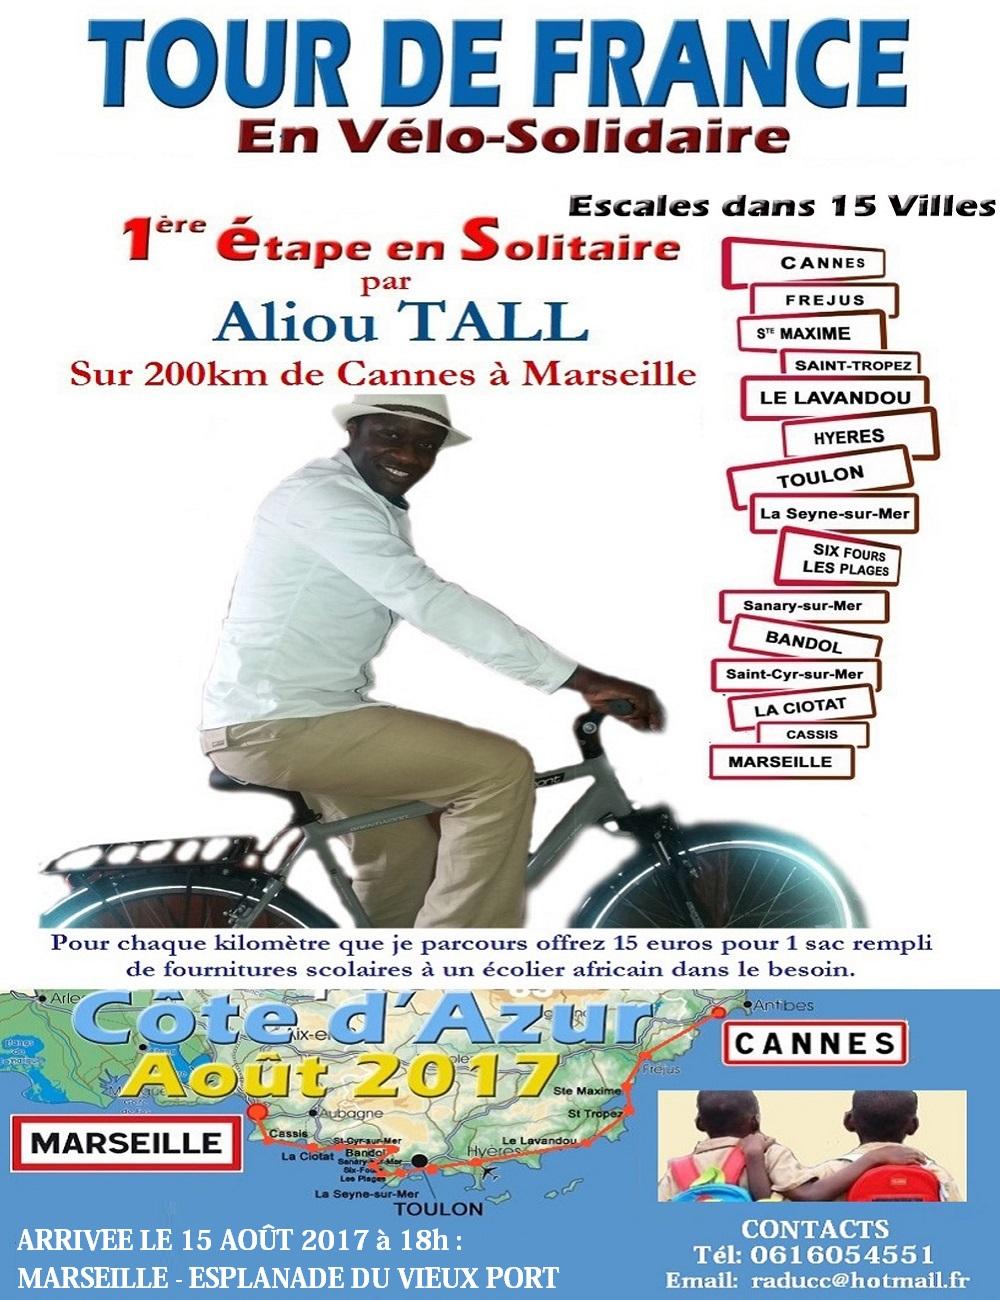 Tour de France en vélo-solidaire : Pour la scolarisation des enfants africains nécessiteux